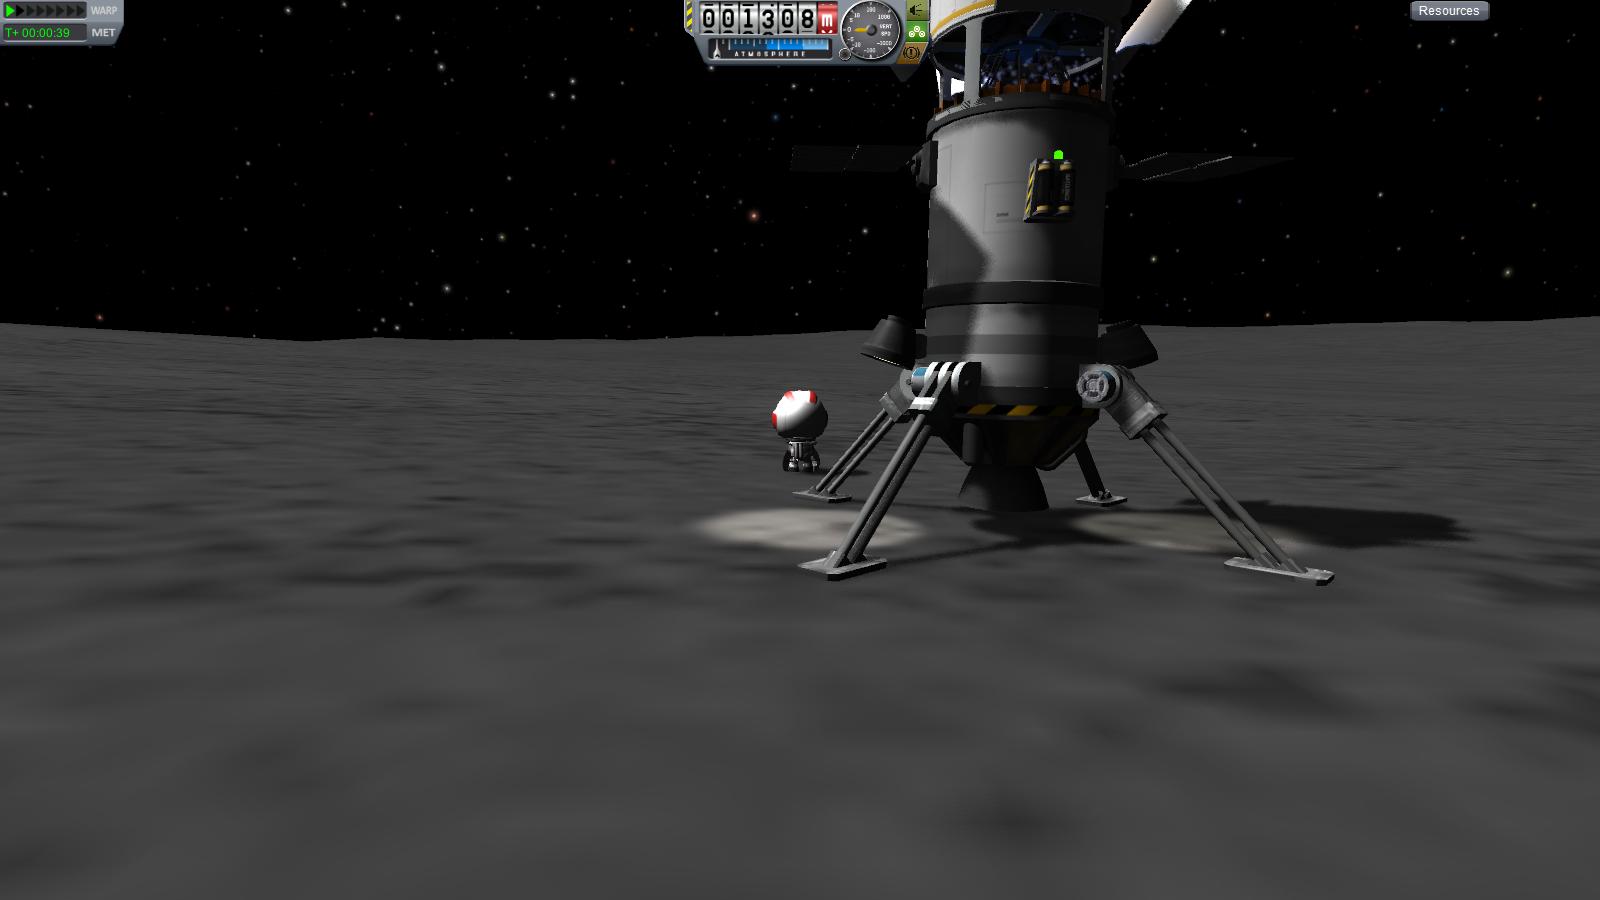 Mun landing